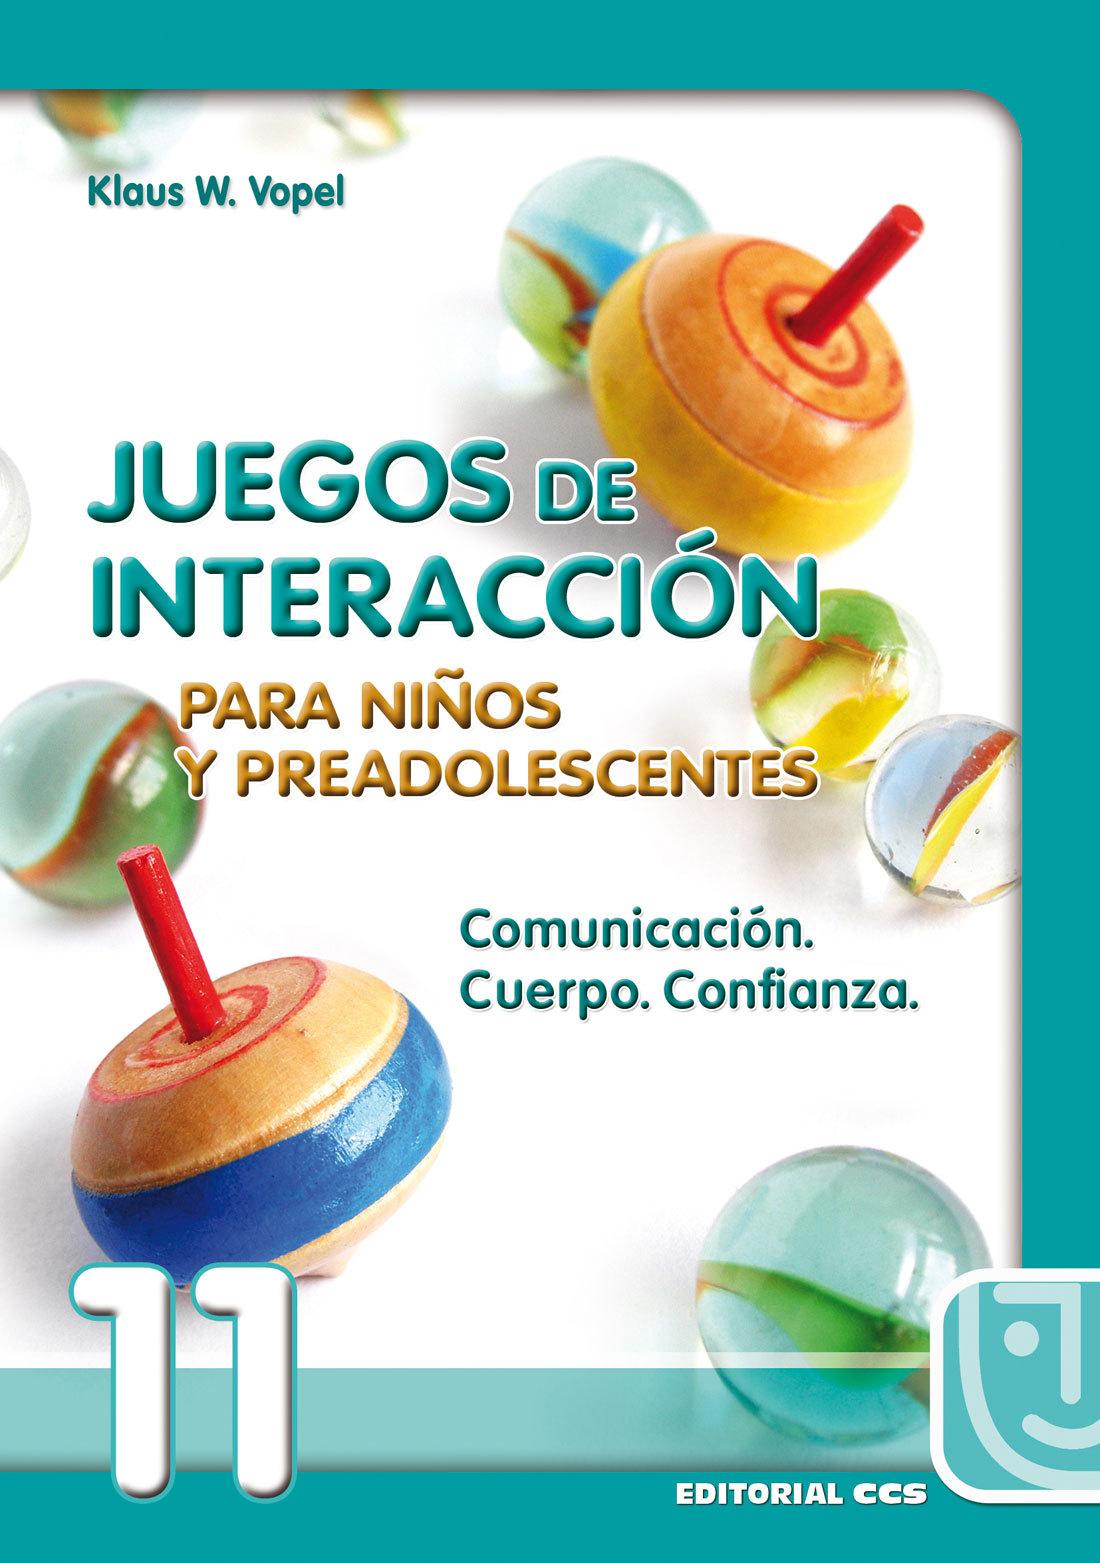 JUEGOS DE INTERACCION PARA NIÑOS Y PREADOLESCENTES Nº 11